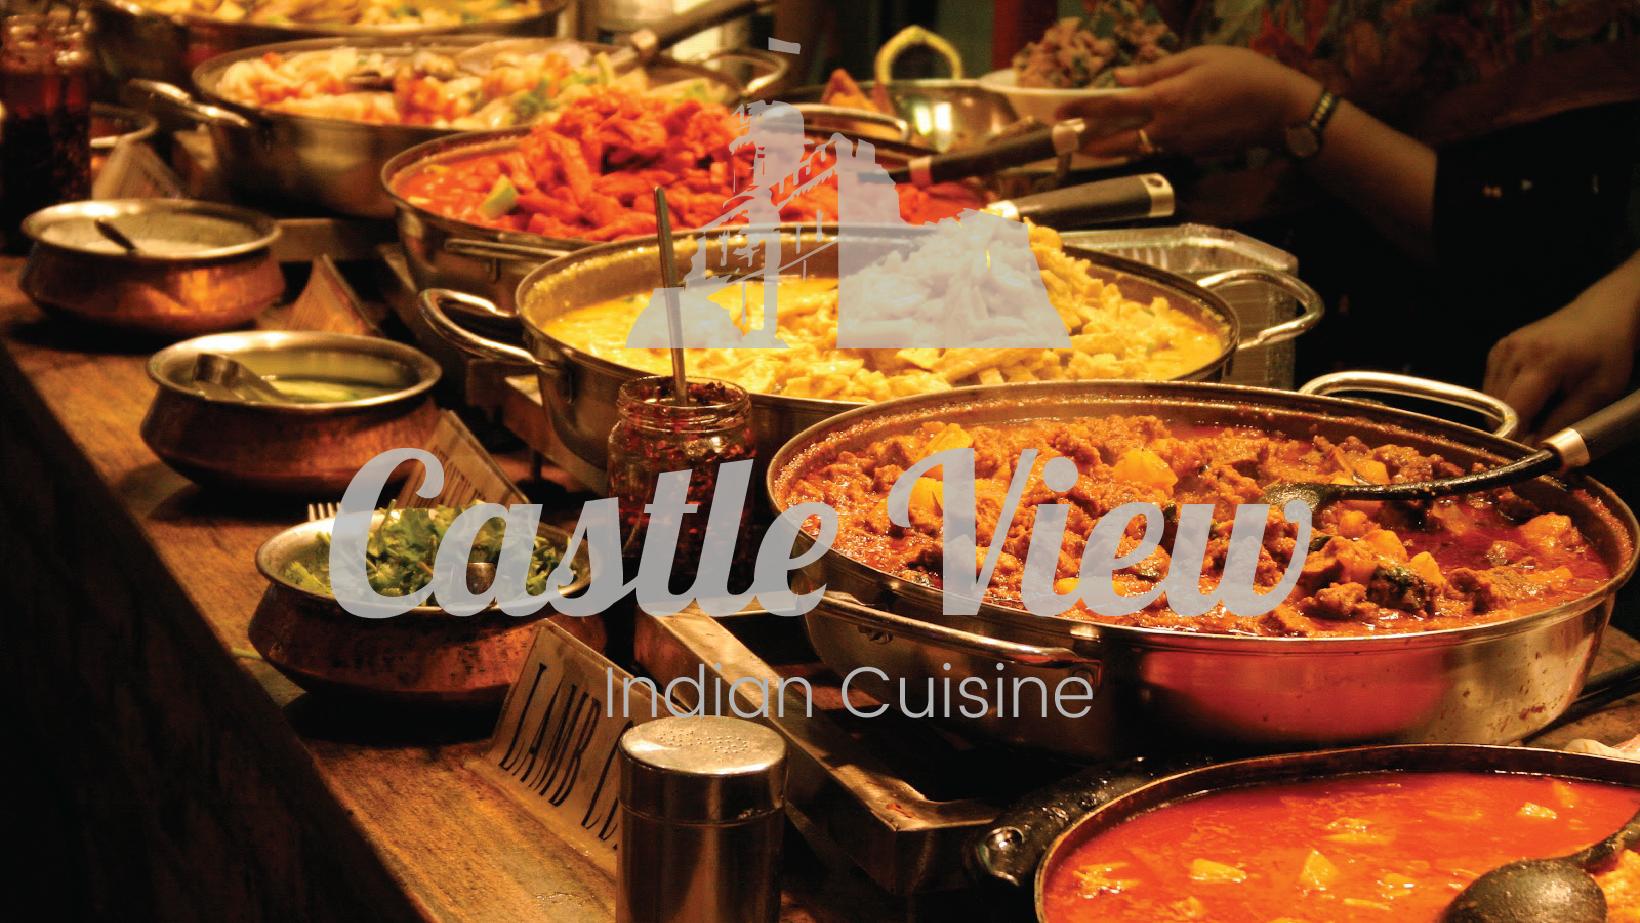 Castle View Indian Cuisine